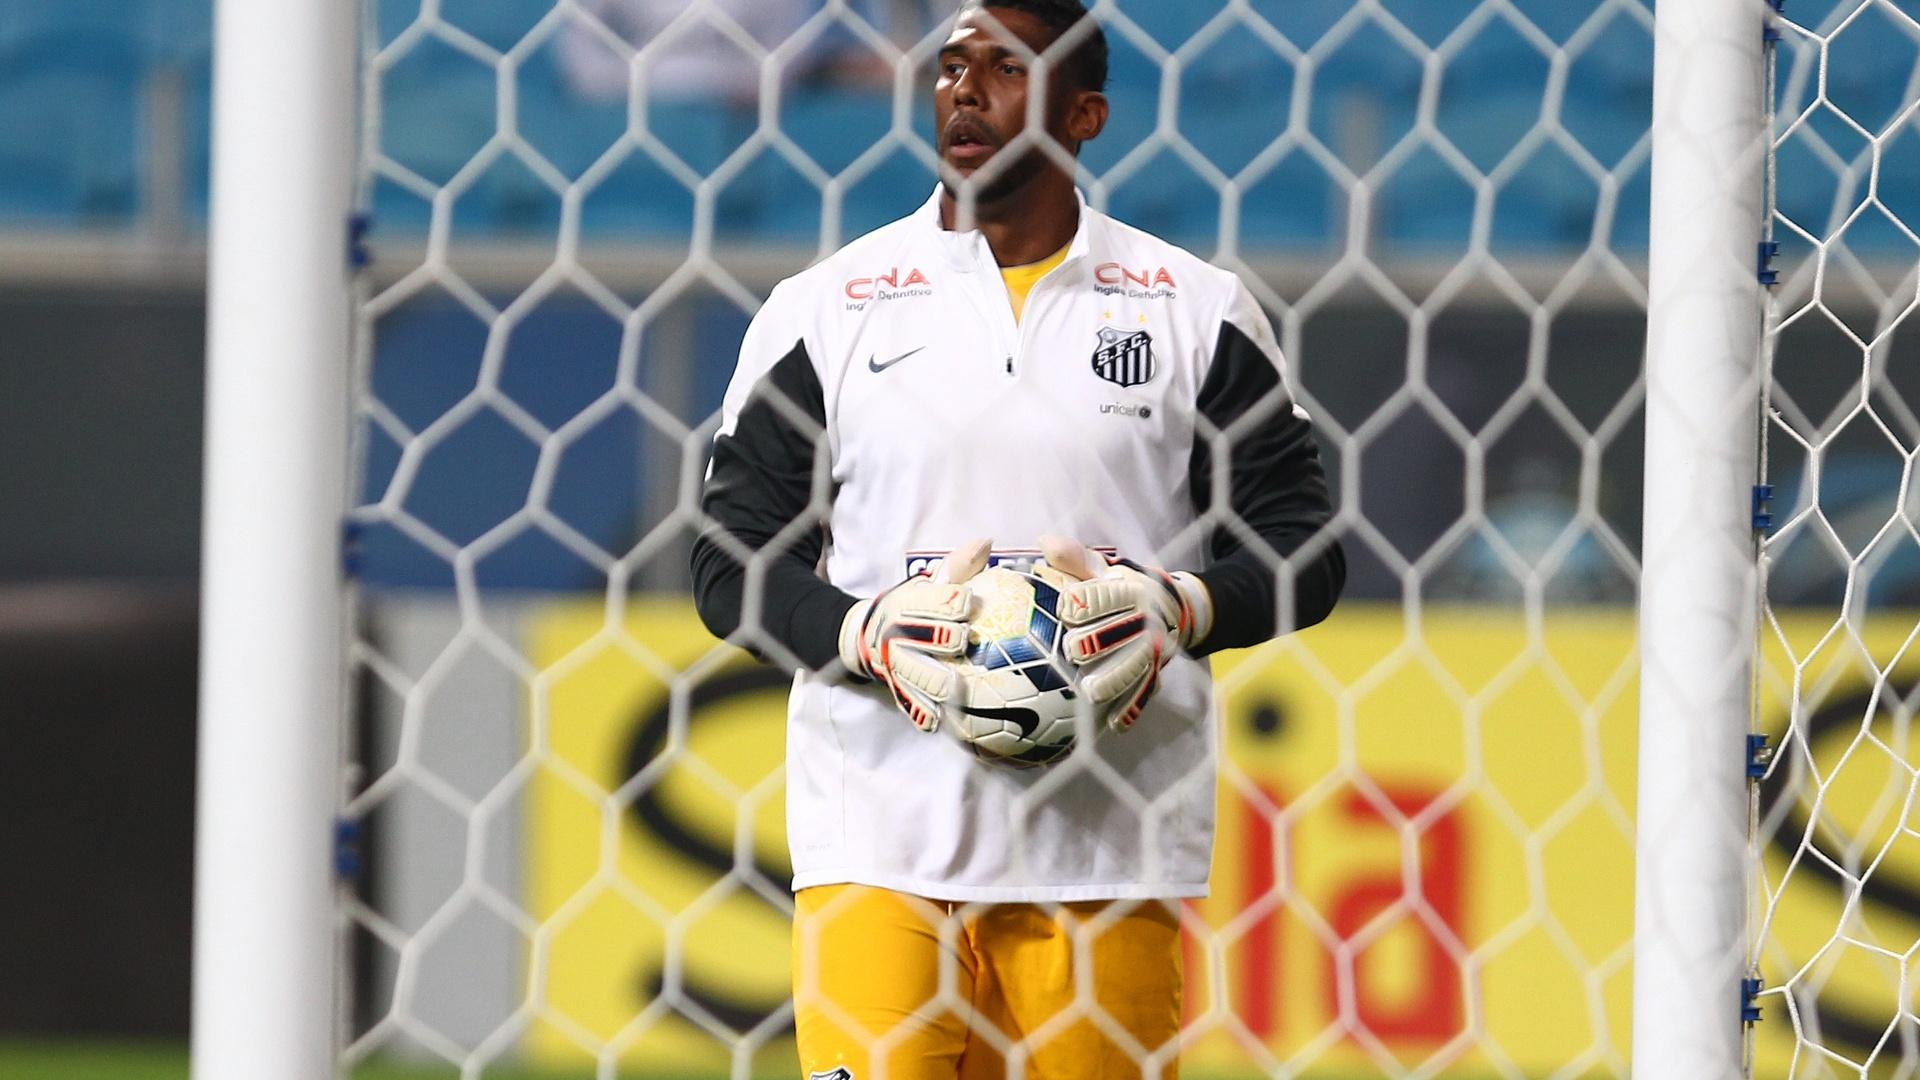 Aranha faz aquecimento antes da partida entre Santos e Grêmio pelo Brasileirão